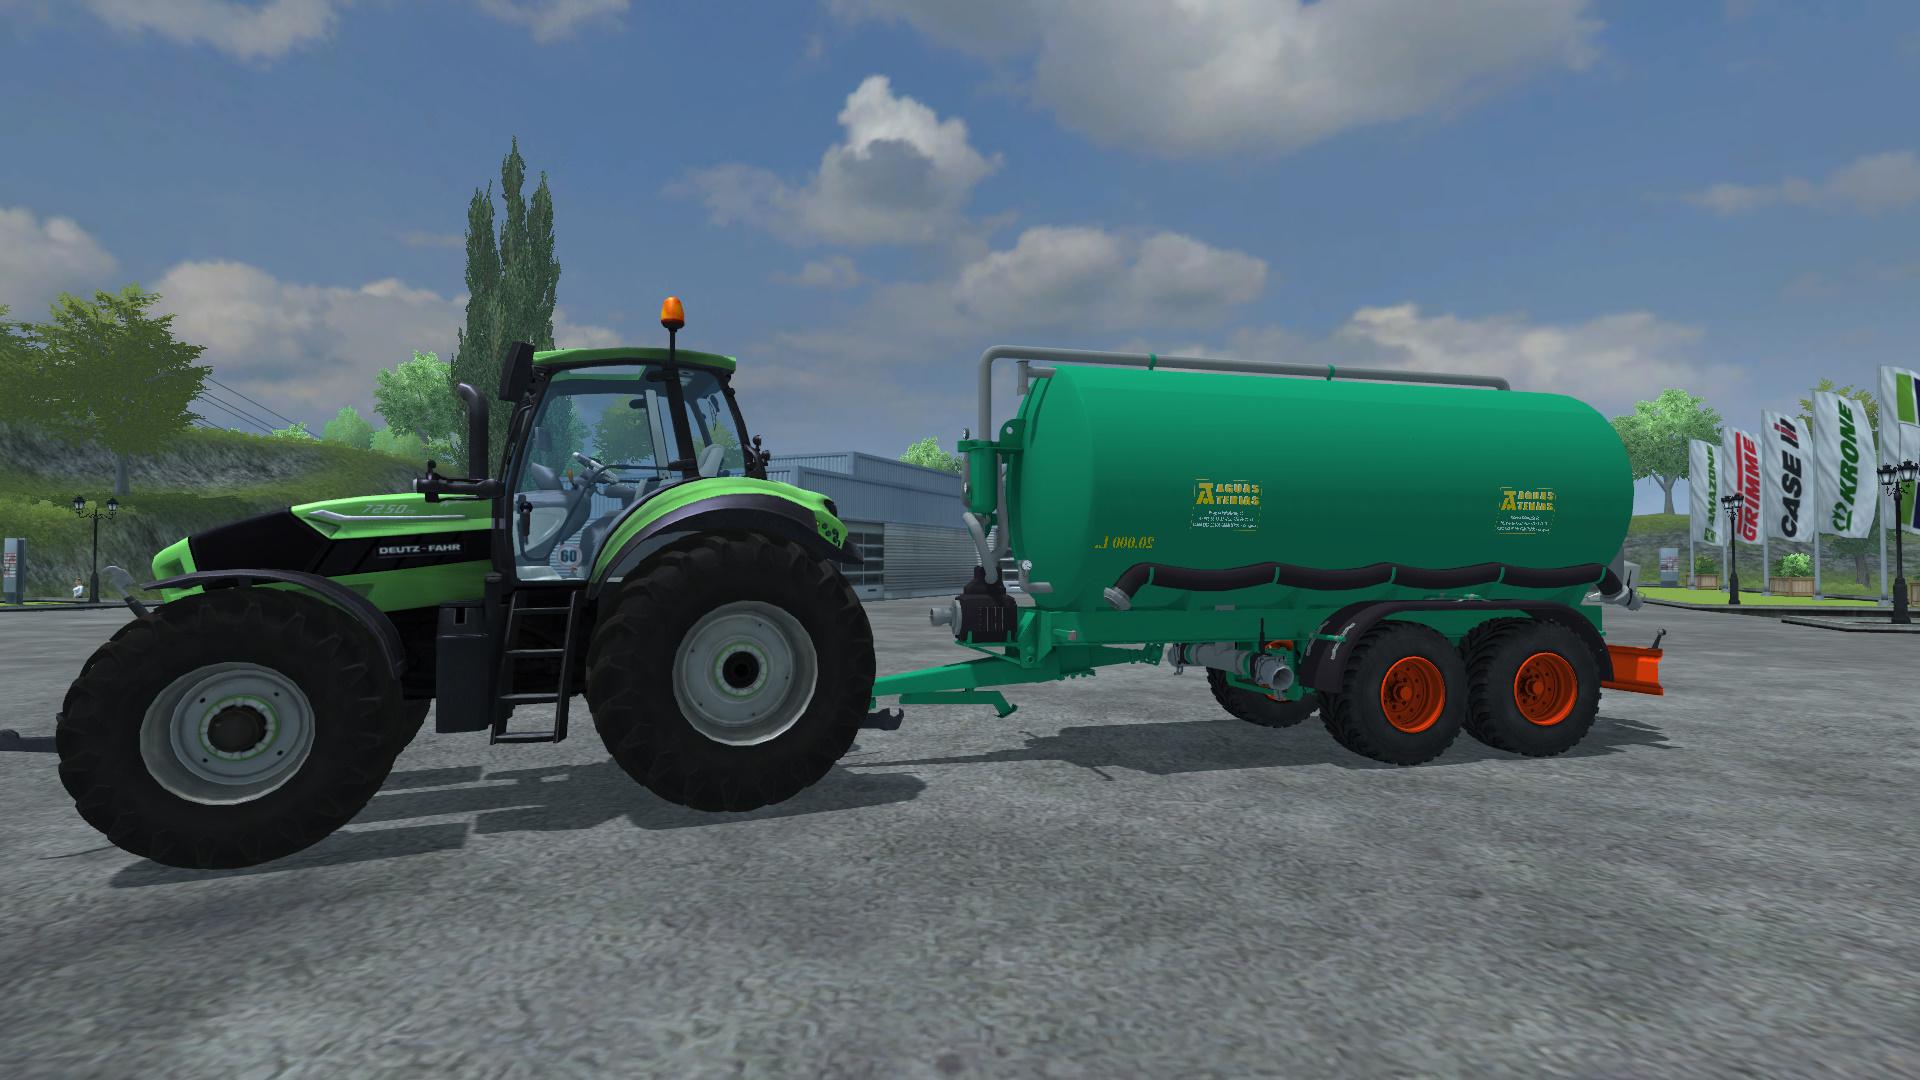 [Encuesta][T.E.P.] Proyecto Aguas Tenias (22 modelos + 1 Camión) [Terminado 21-4-2014]. - Página 11 Farmingsimulator2013gjwsw6